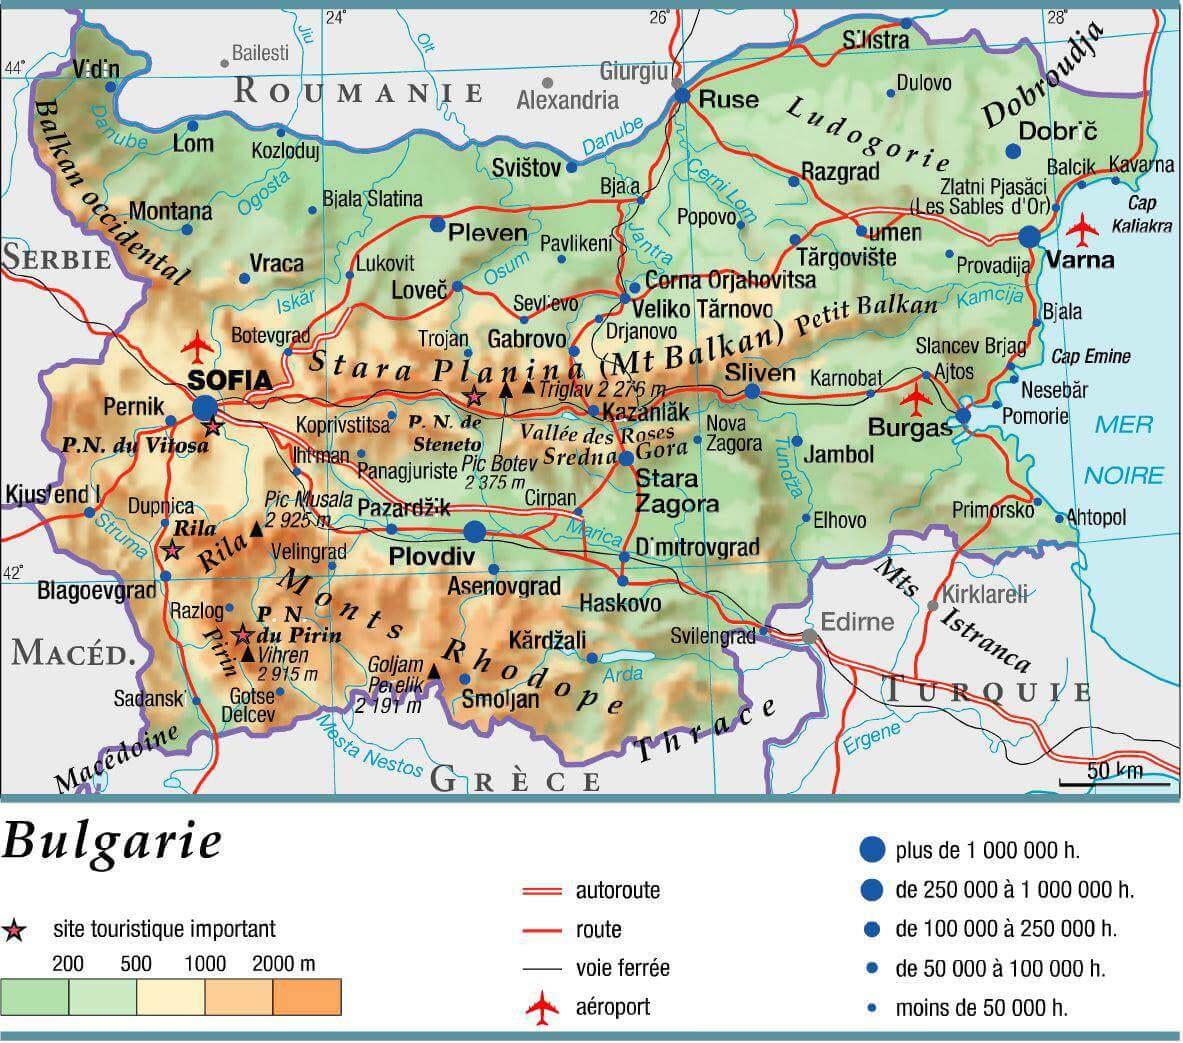 carte bulgarie routes et autoroutes